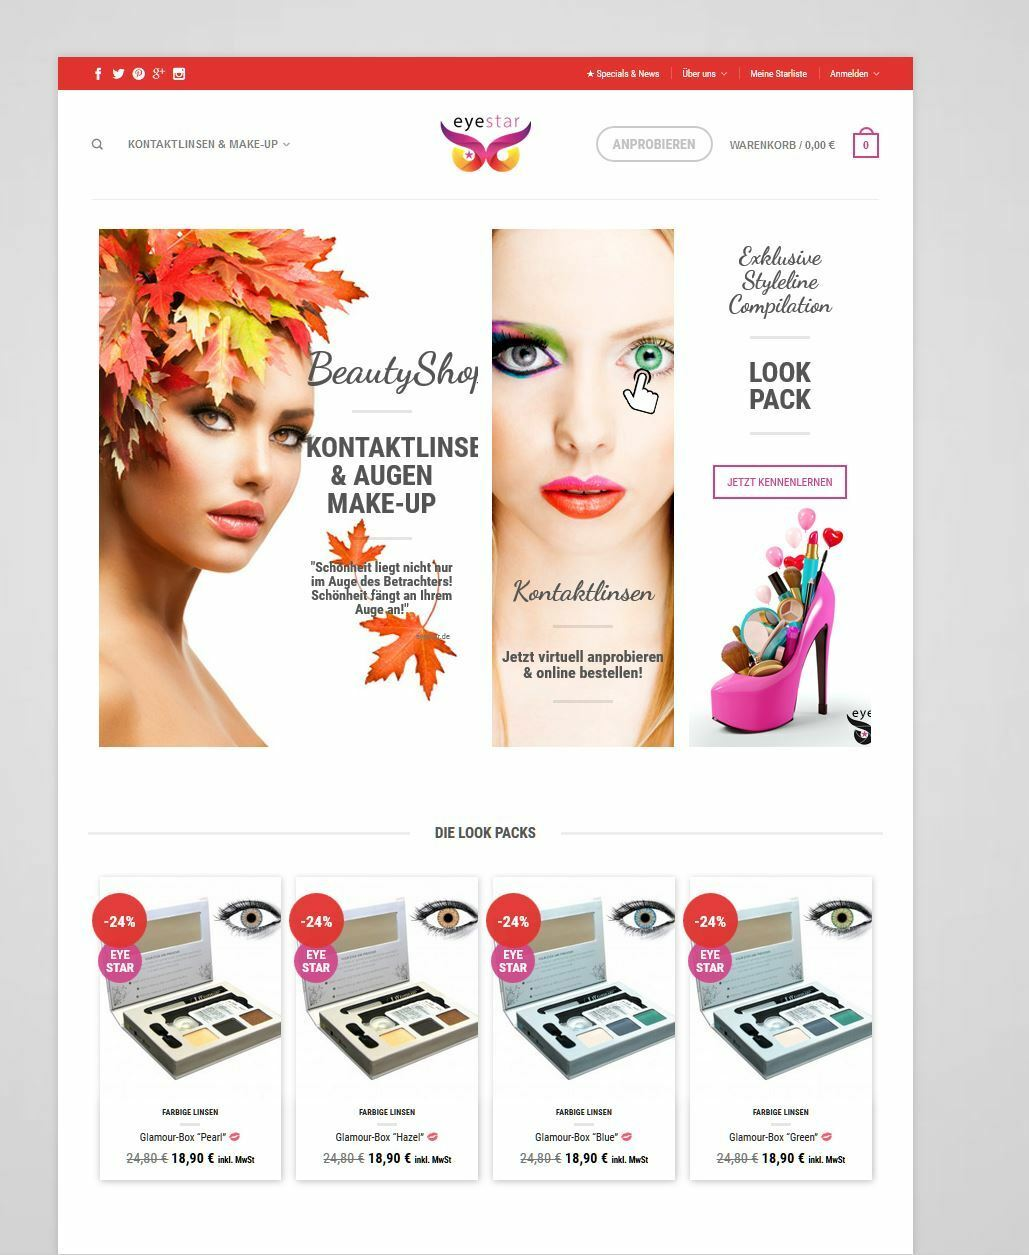 Onlineshop für Kontaktlinsen in eiunem Super Design, Preiswert abzugeben